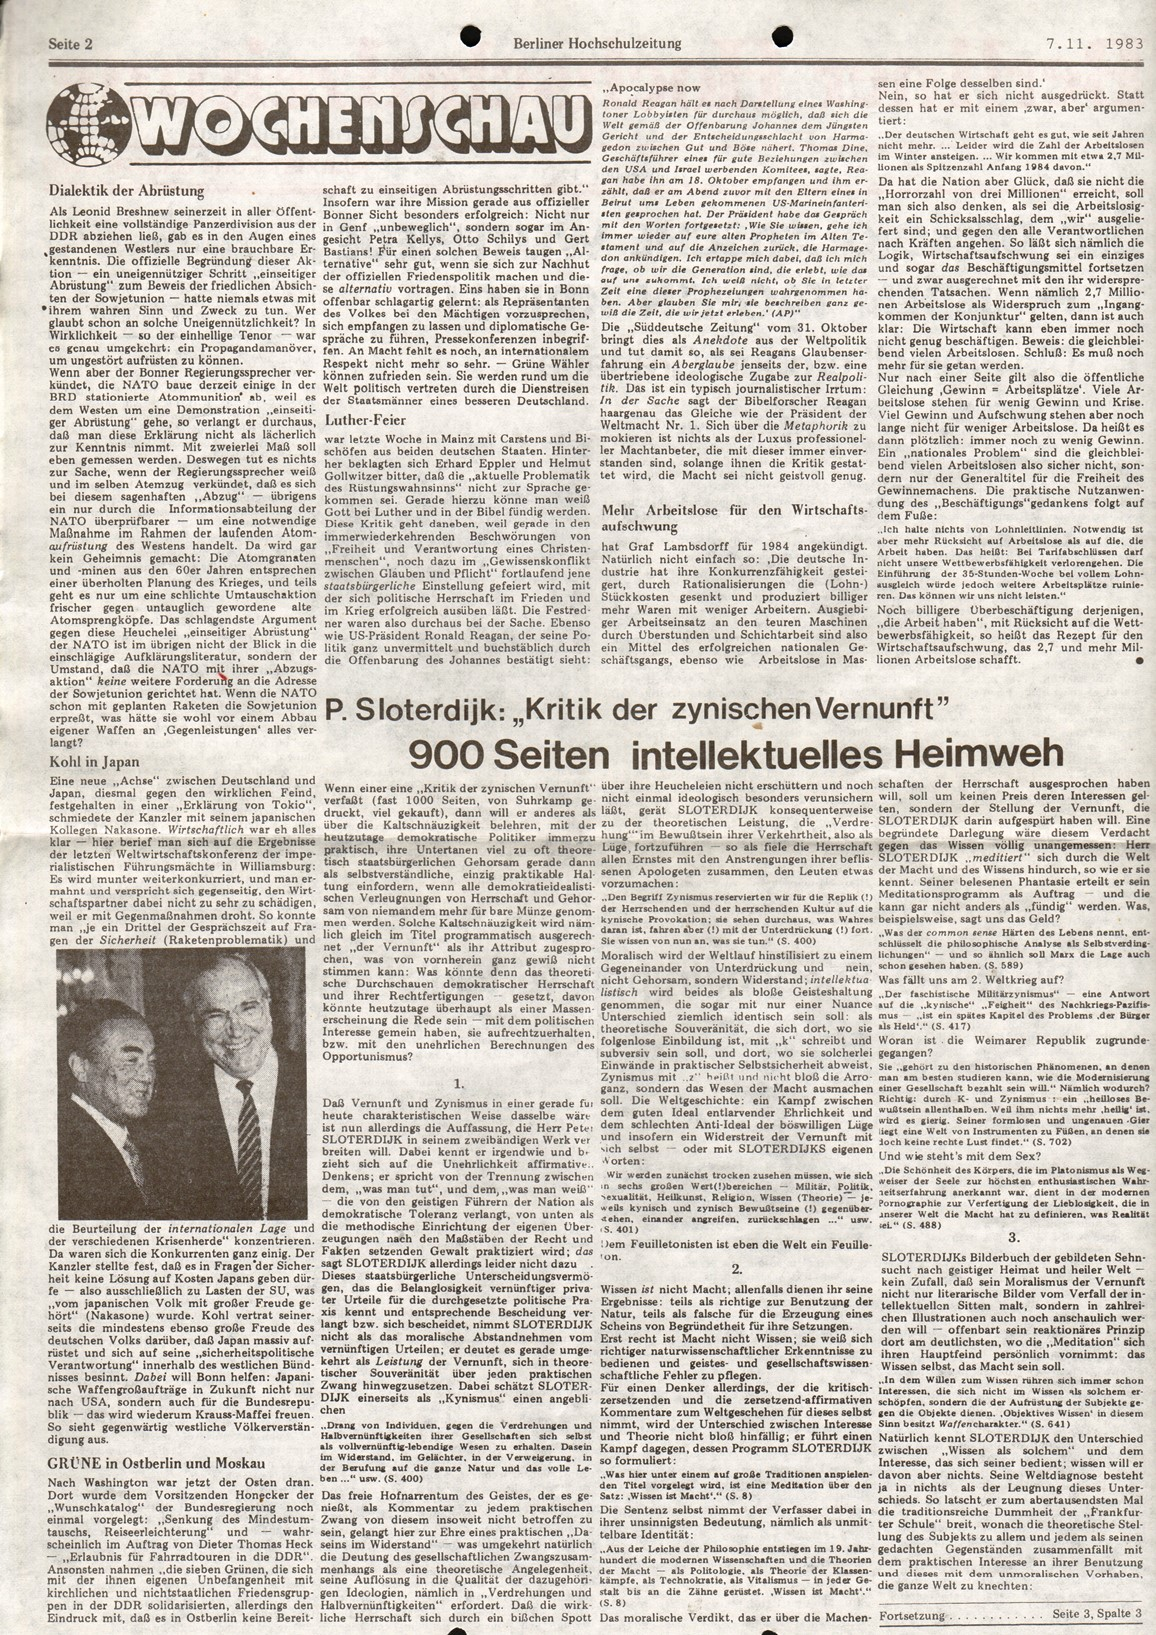 Berlin_MG_Hochschulzeitung_19831107_02